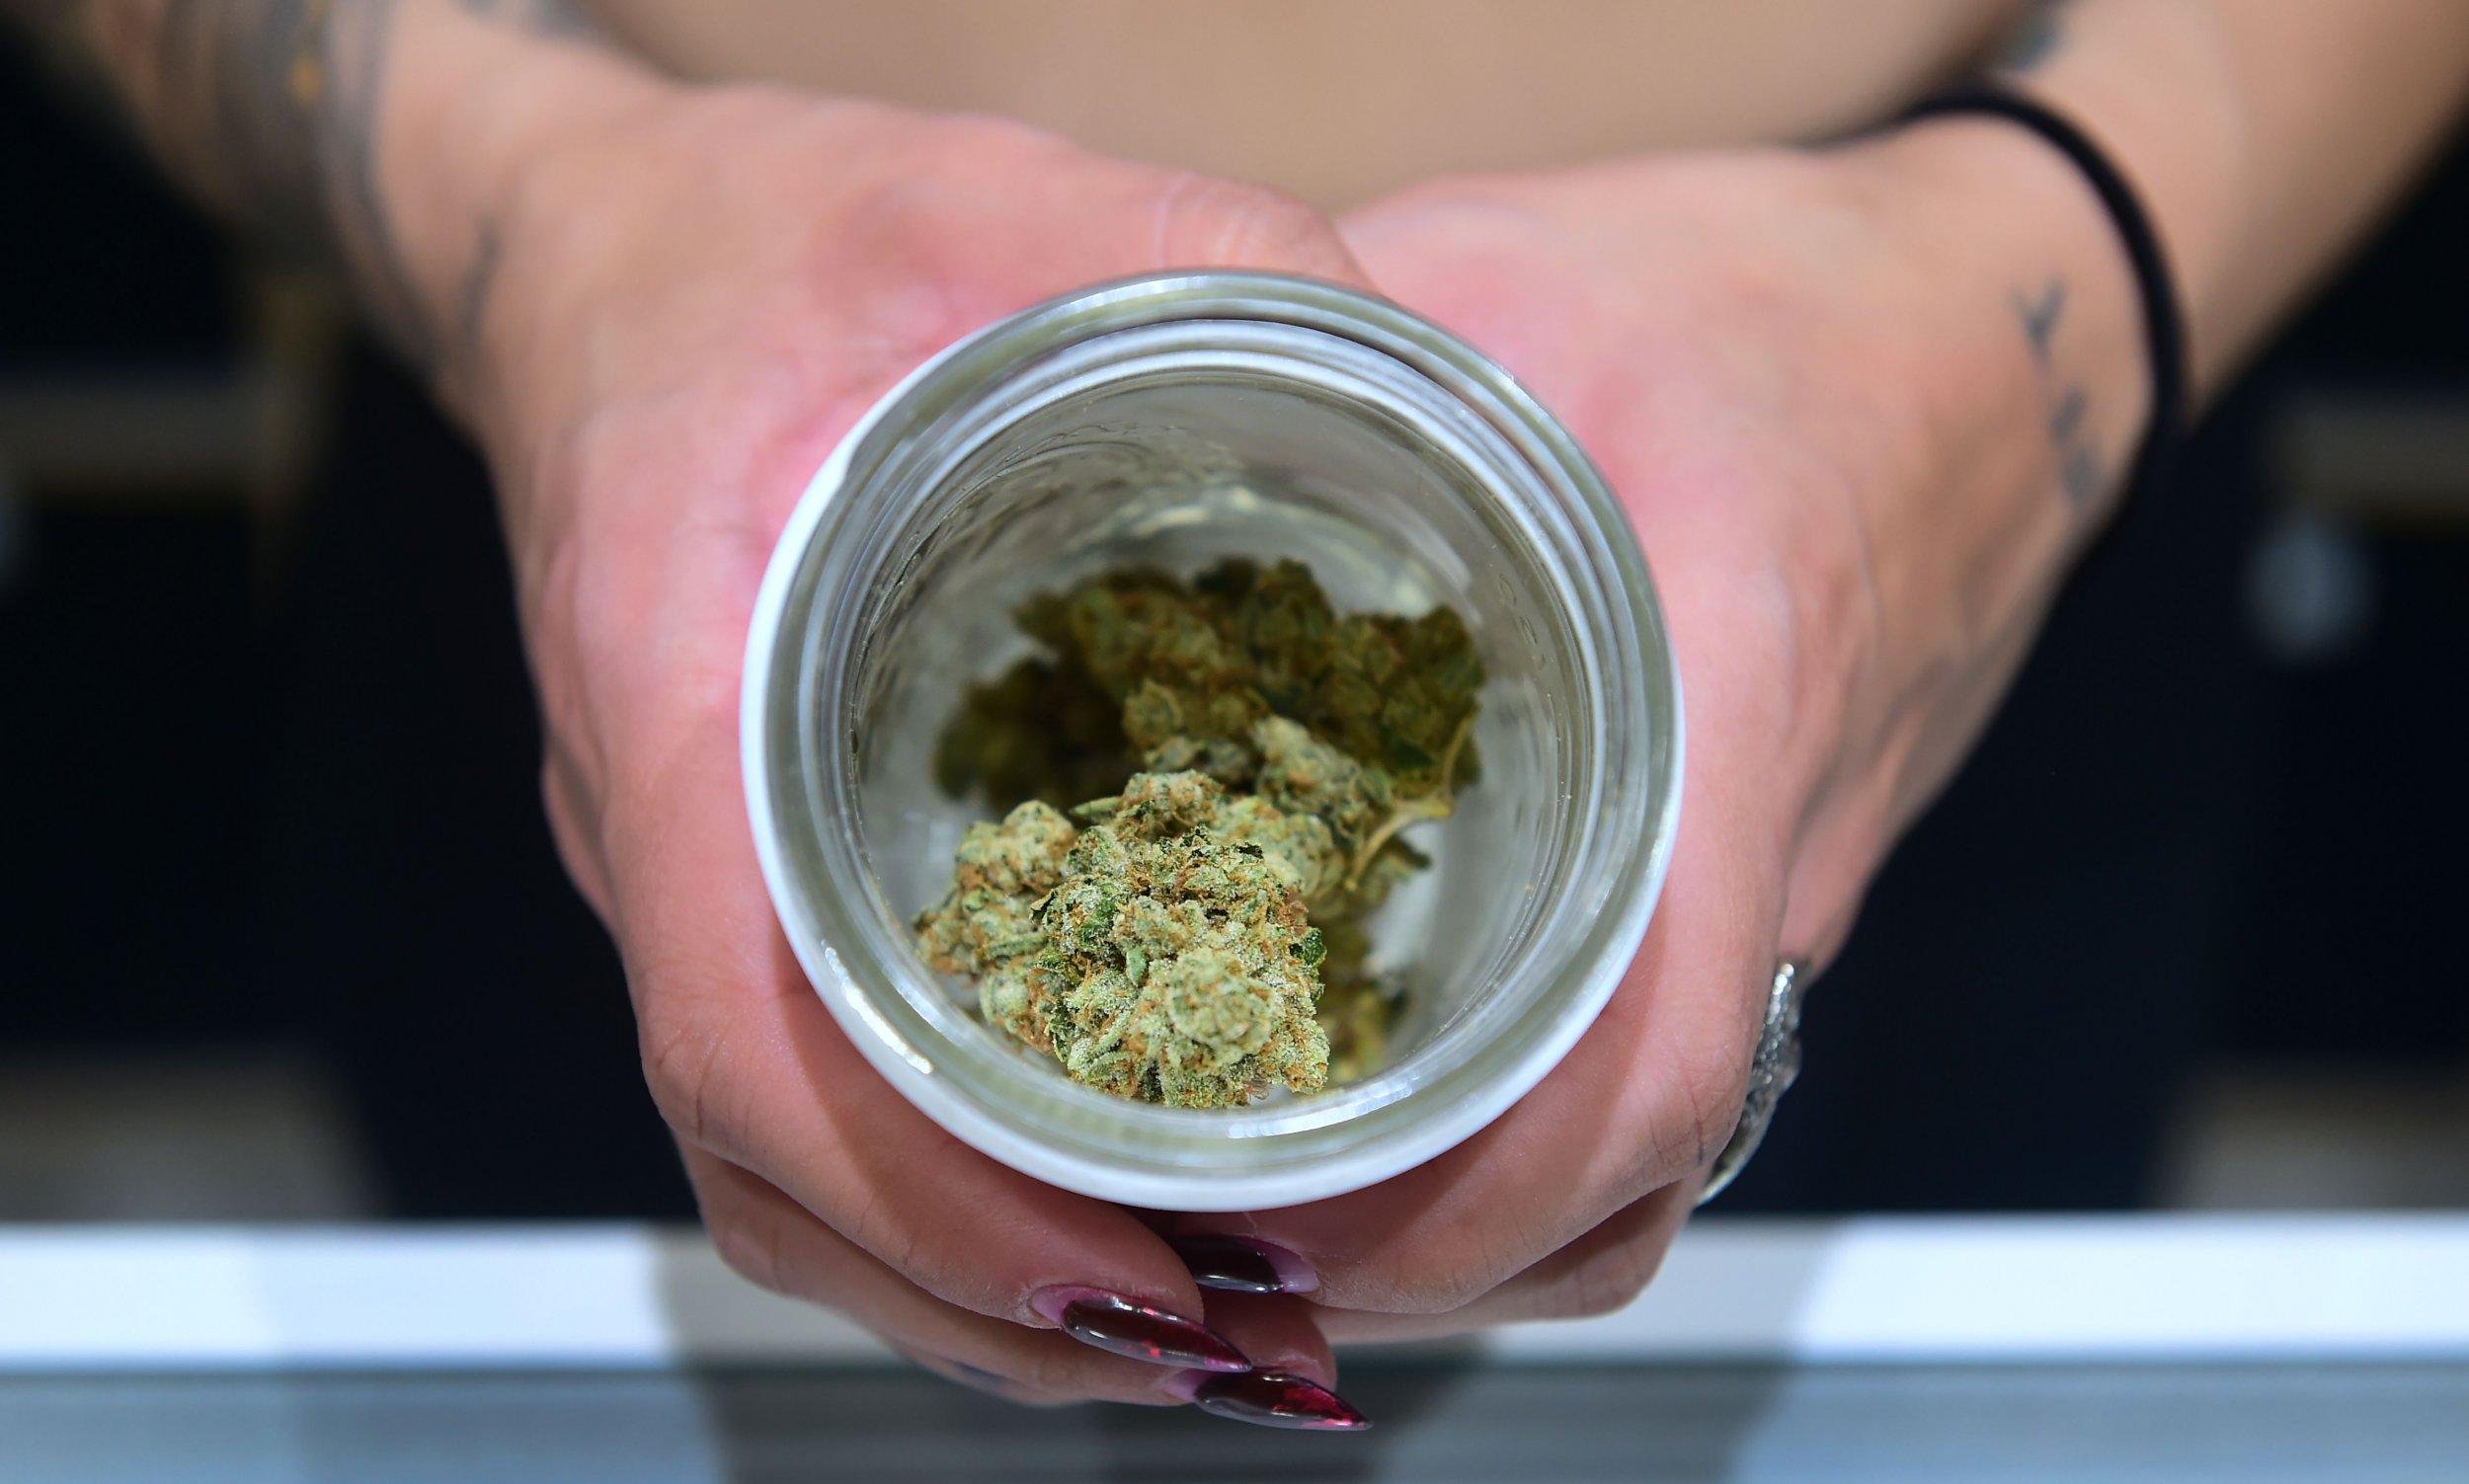 marijuana 420 bill